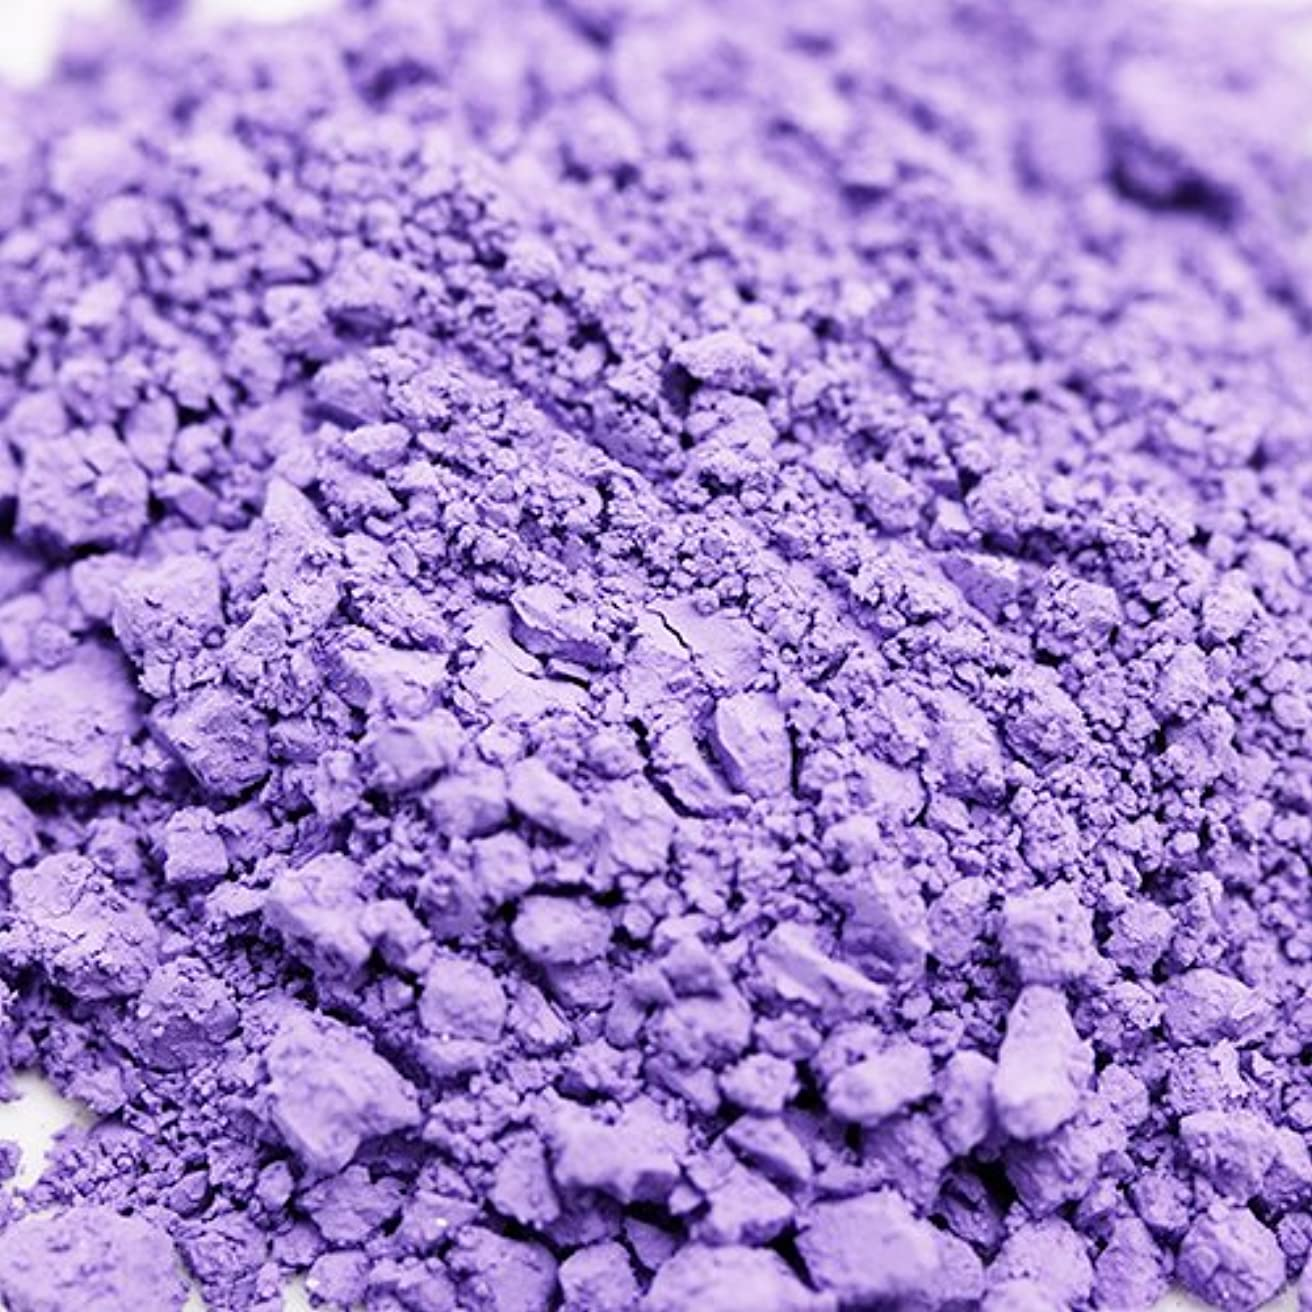 タンカー酸障害者ウルトラマリン バイオレット 5g 【手作り石鹸/手作りコスメ/色付け/カラーラント/紫】